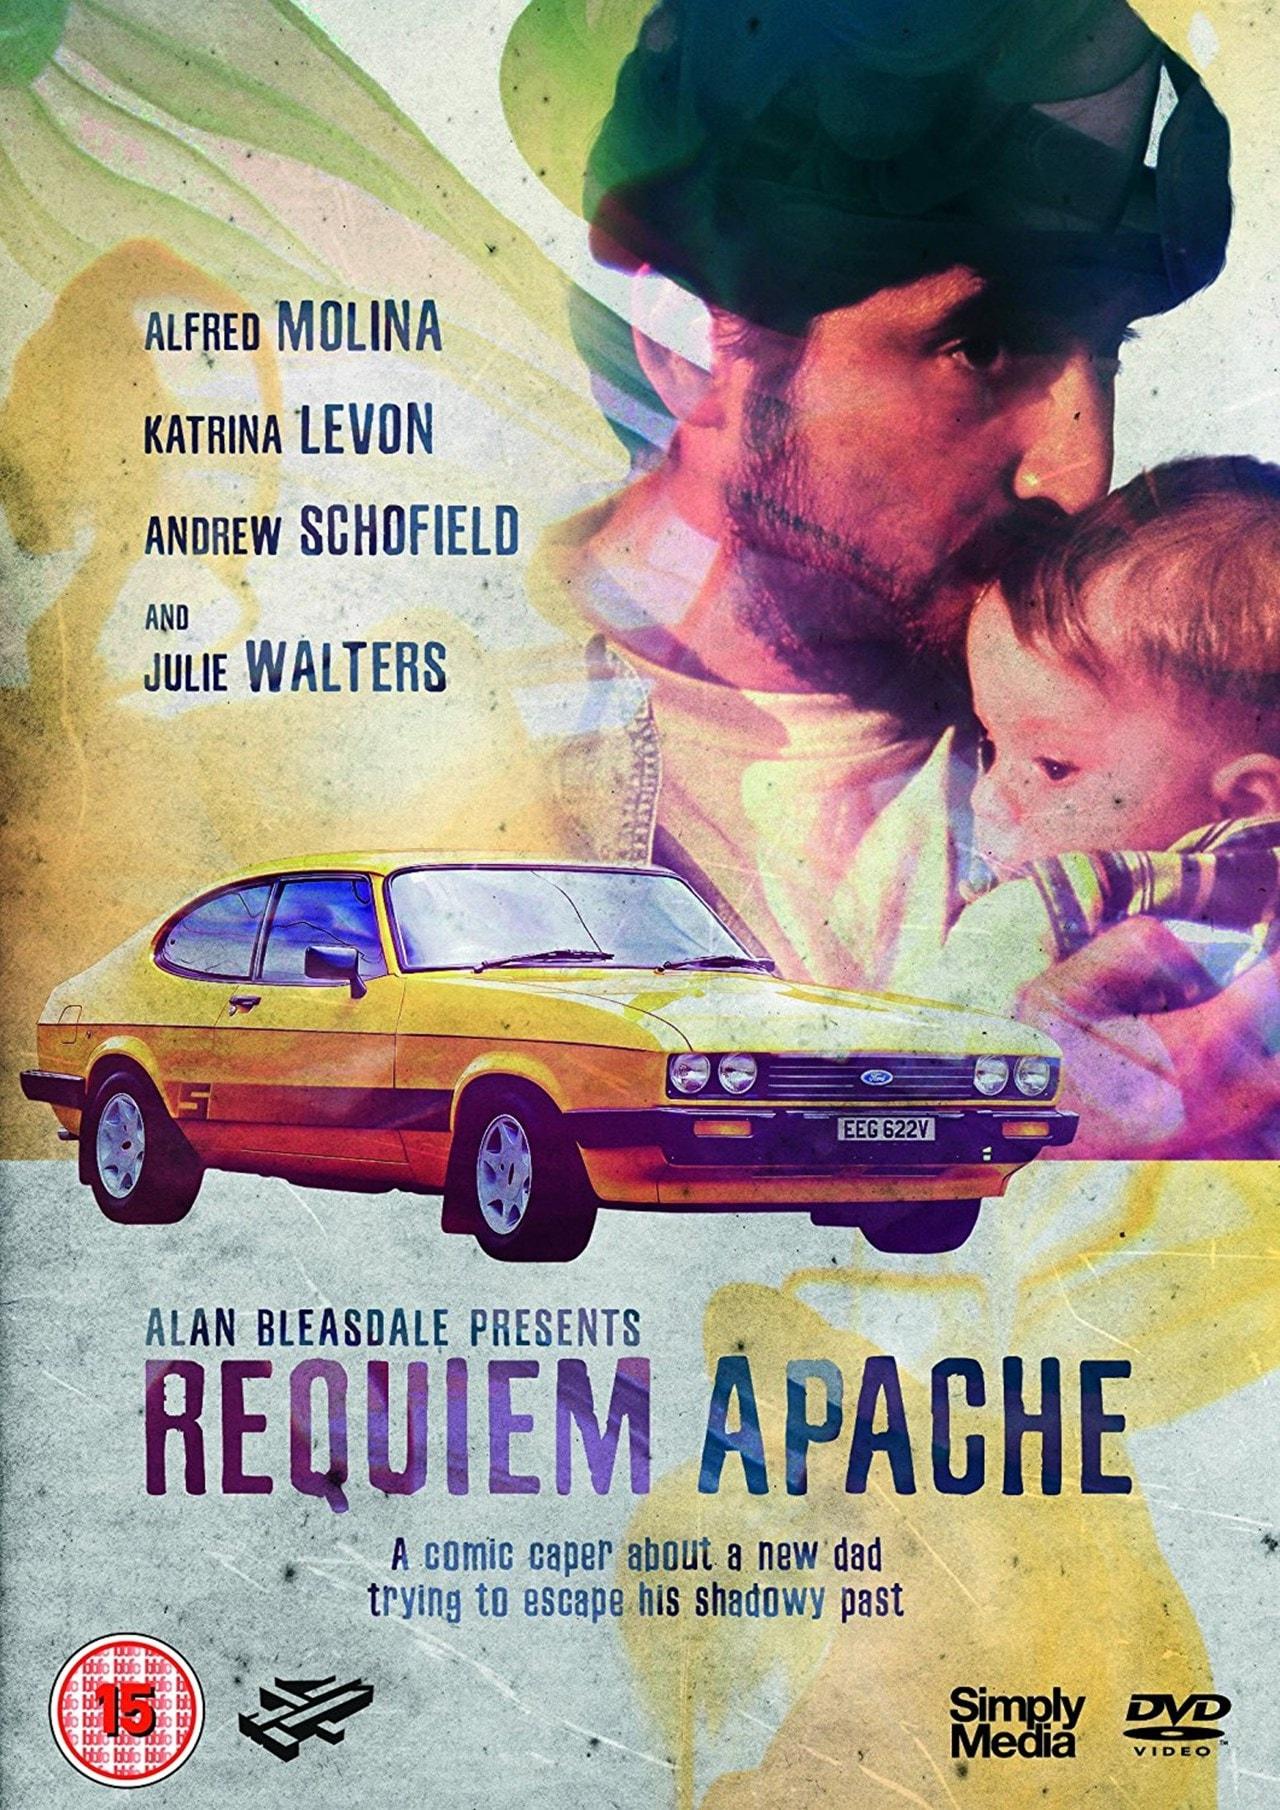 Alan Bleasdale Presents: Requiem Apache - 1